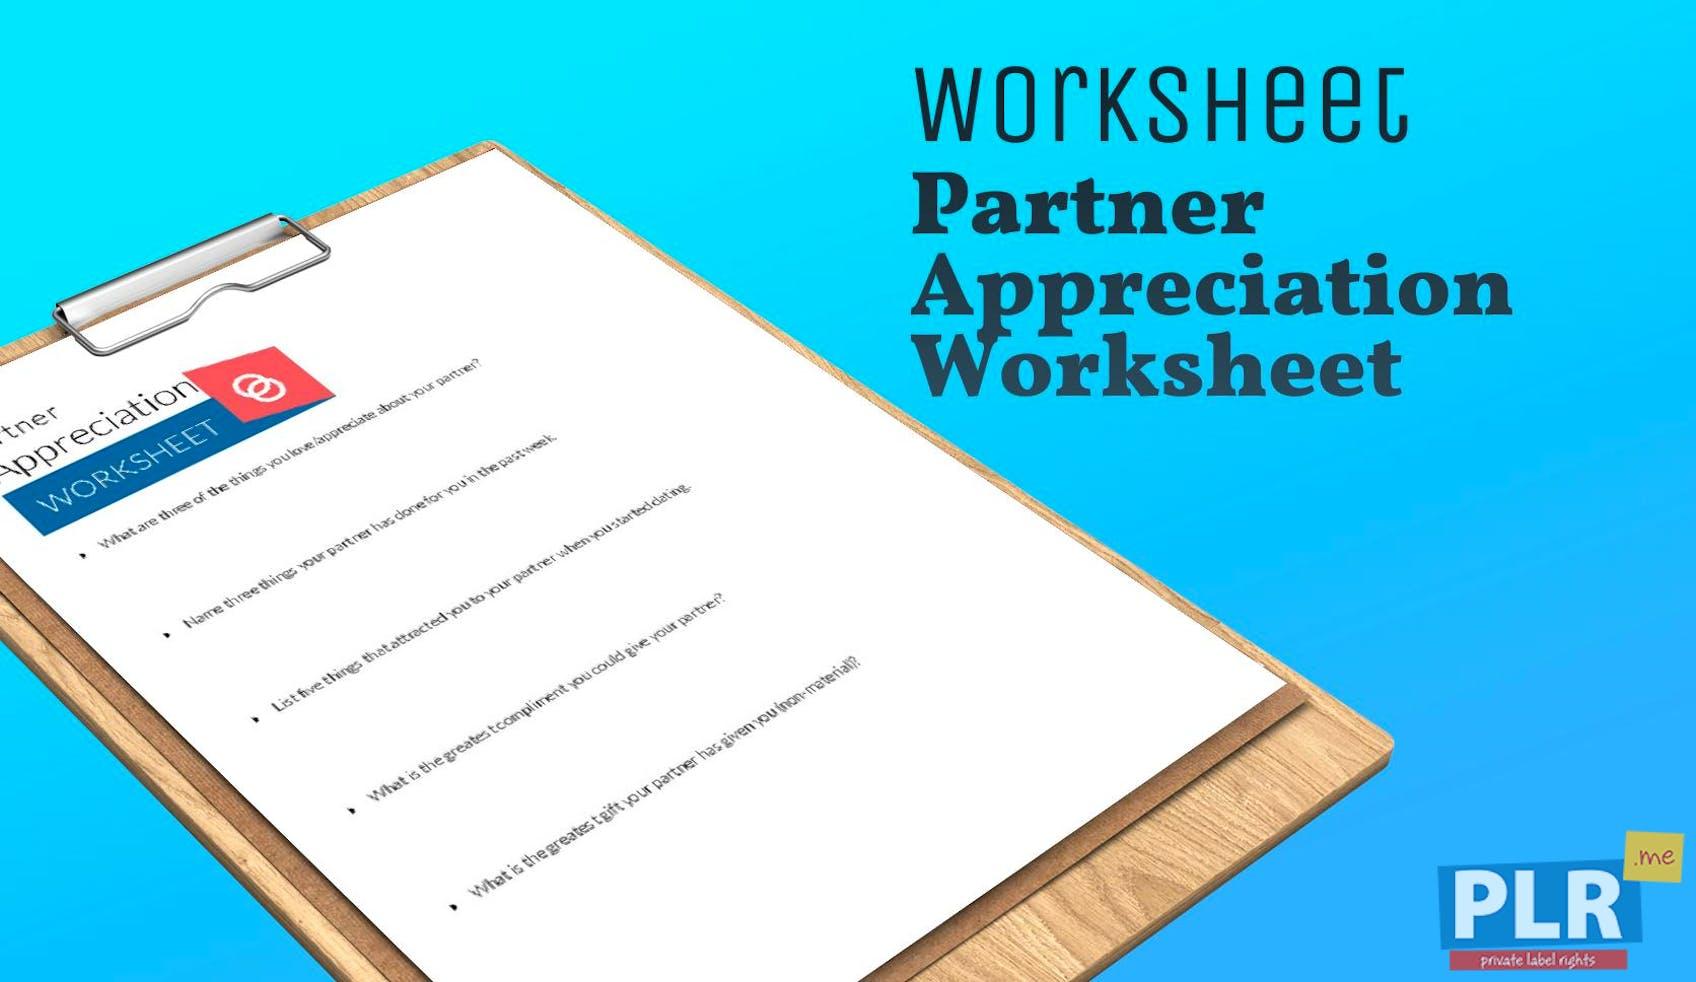 Partner Appreciation Worksheet